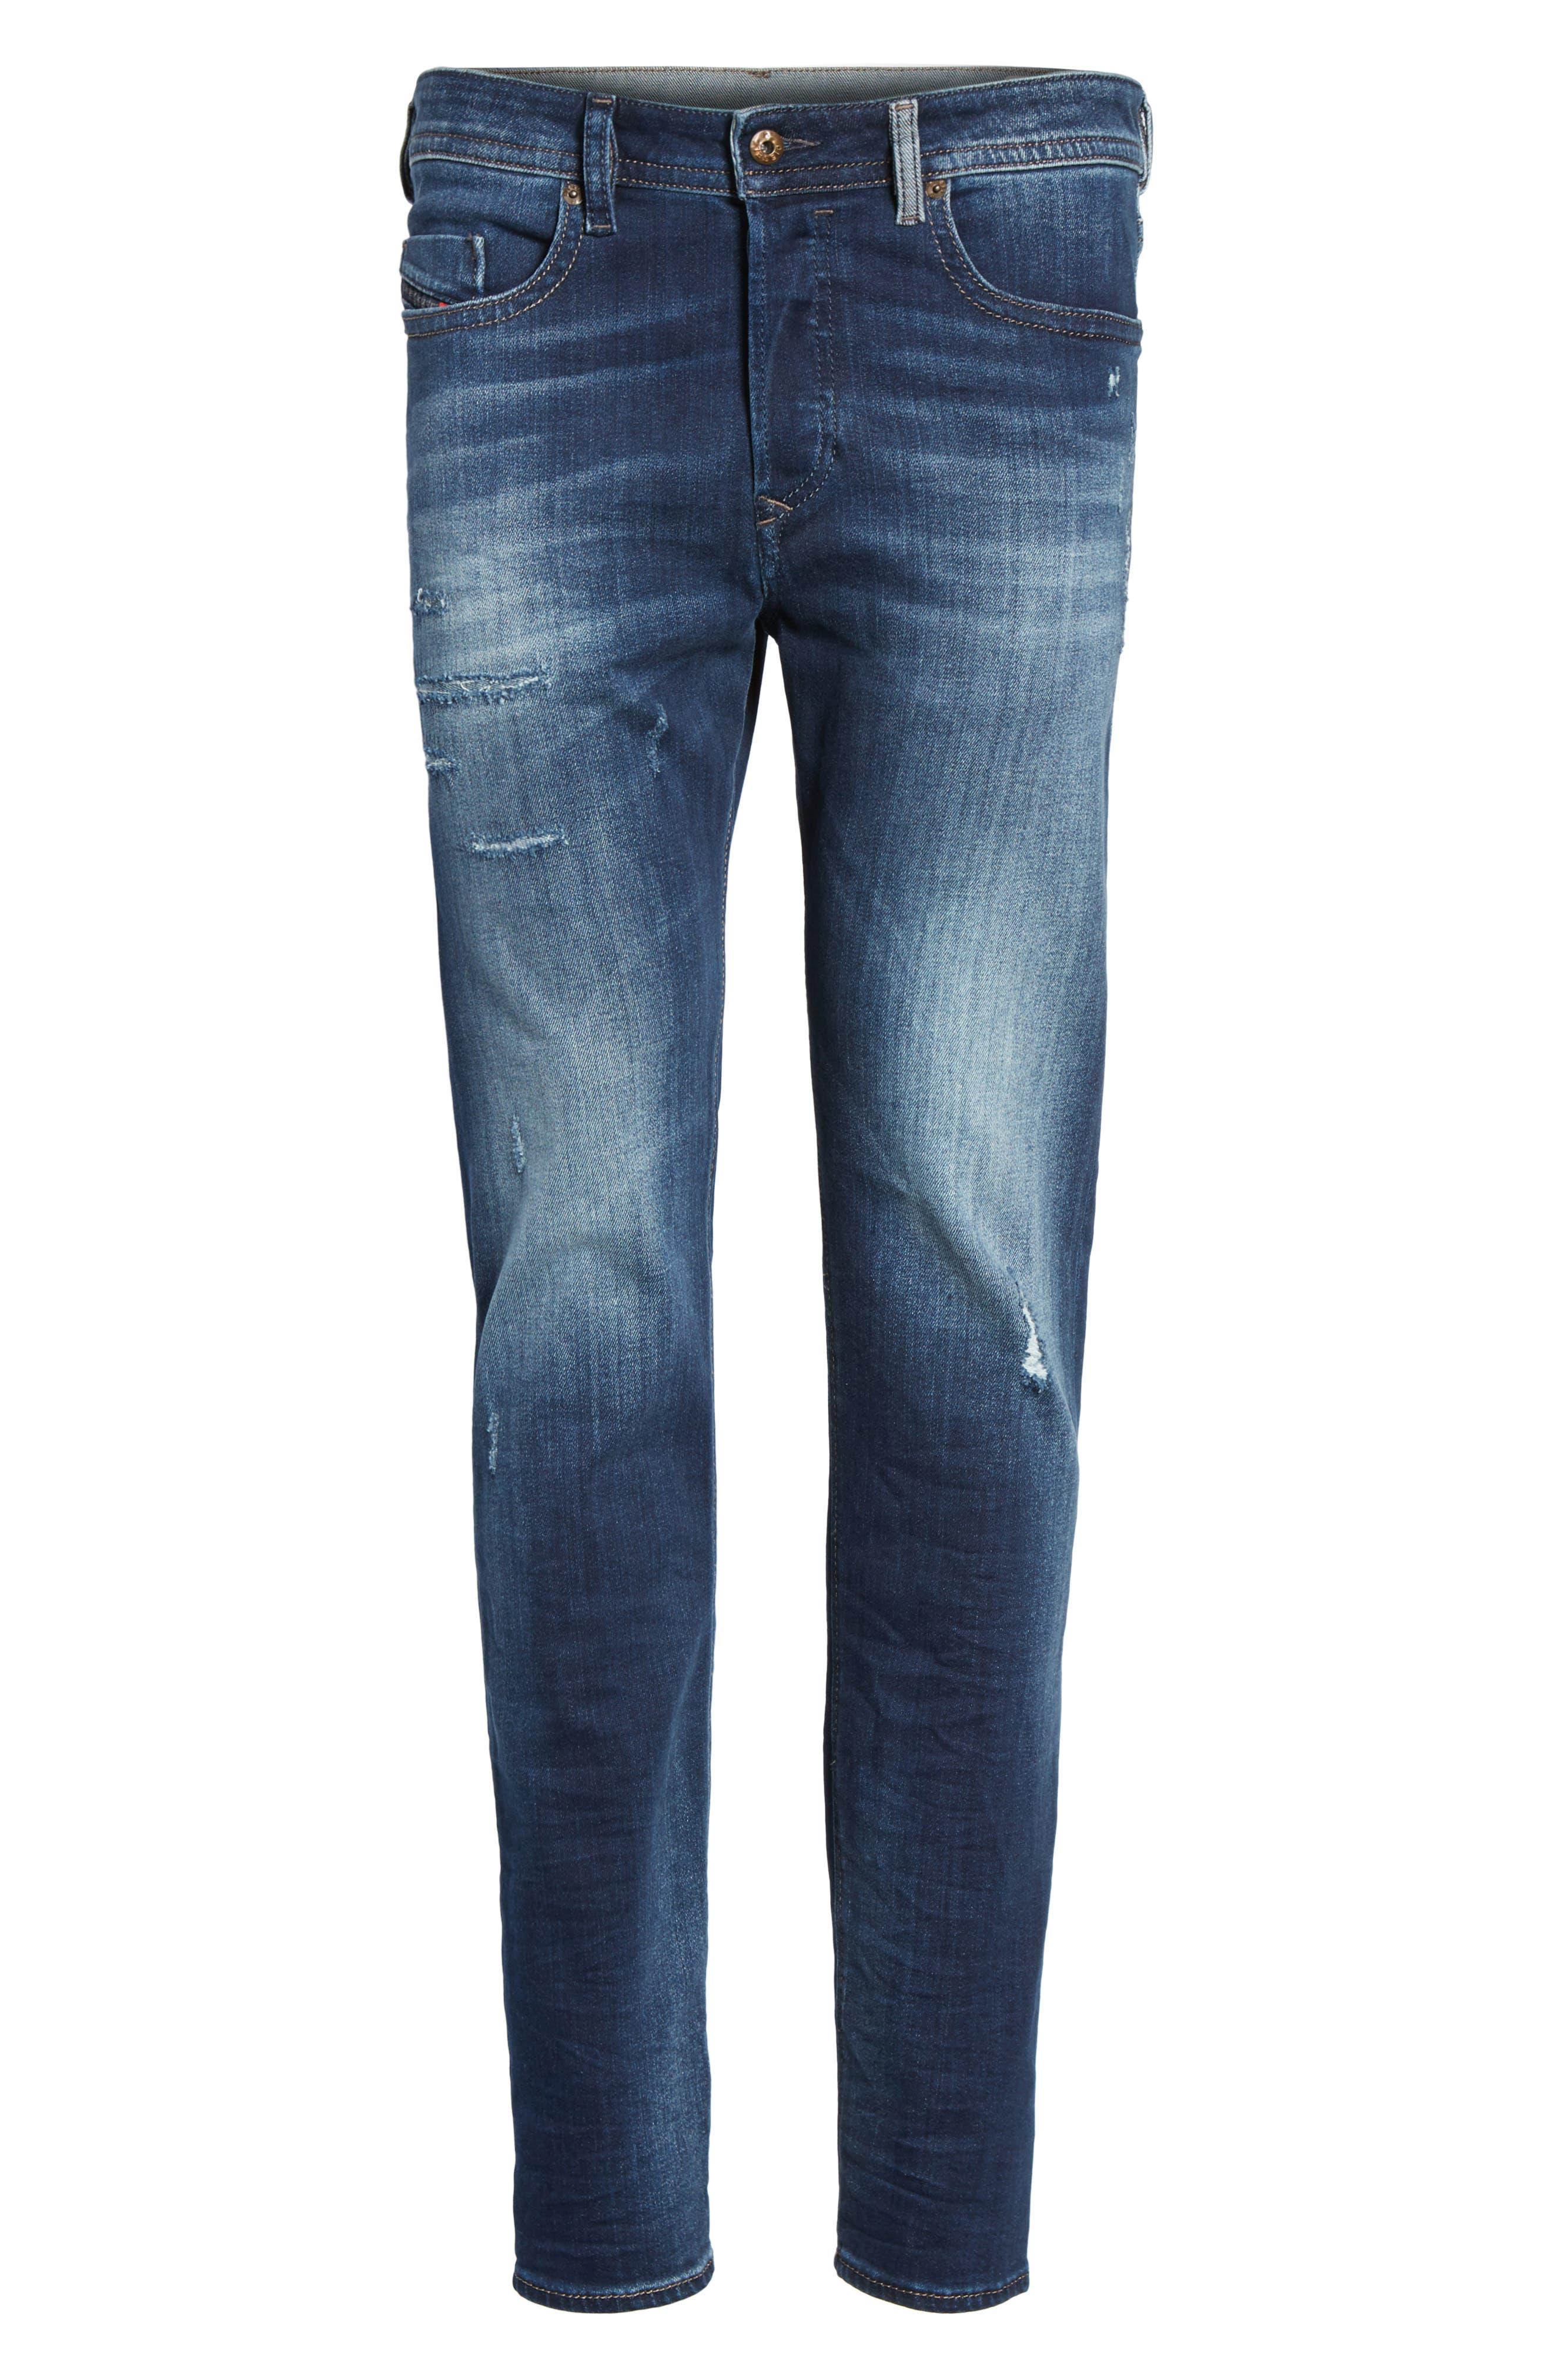 Buster Slim Straight Leg Jeans,                             Alternate thumbnail 6, color,                             900